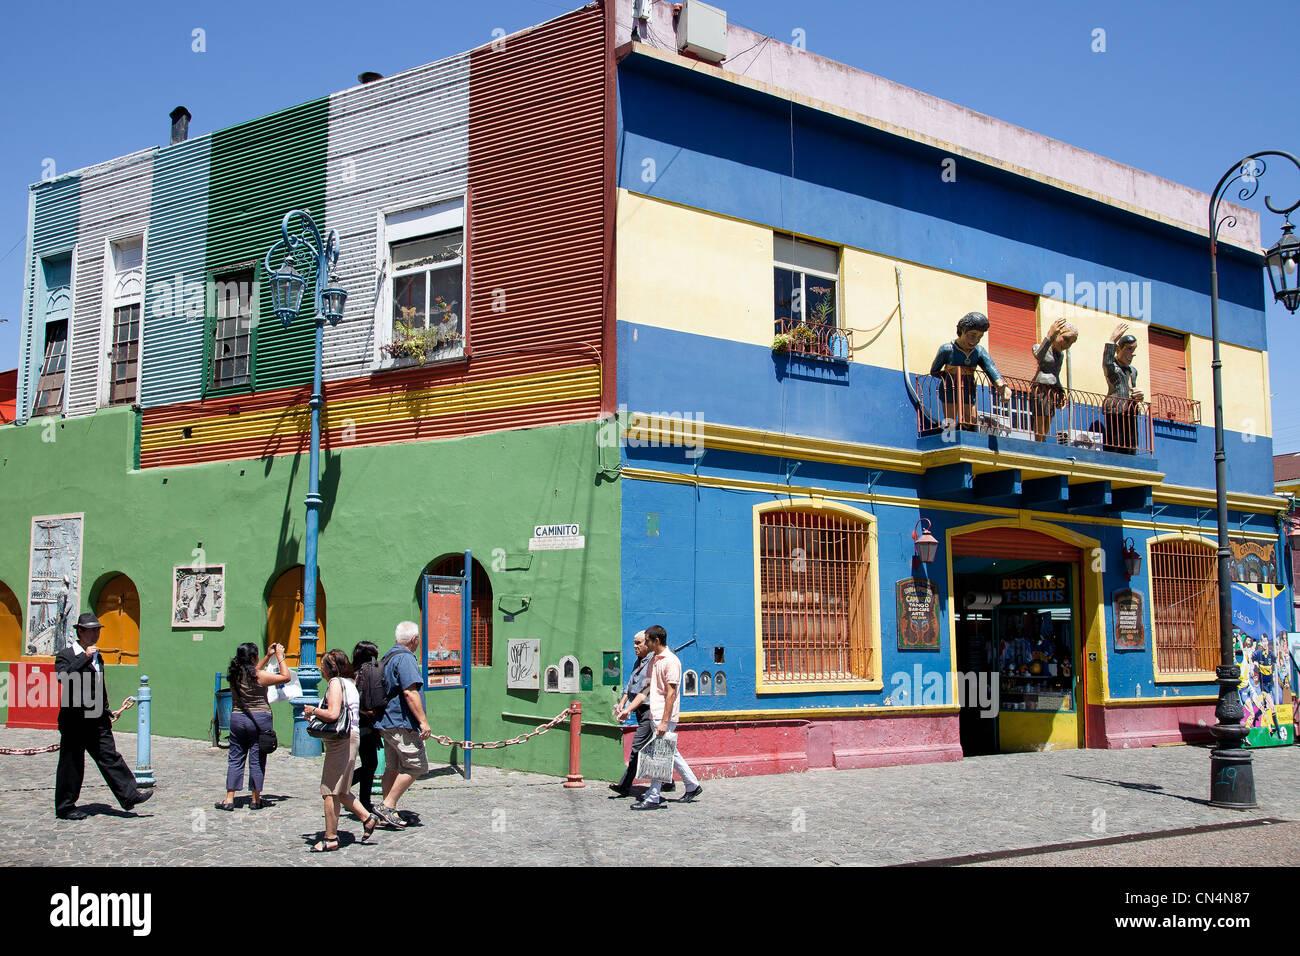 Argentina, Buenos Aires, La Boca, Caminito de distrito Imagen De Stock